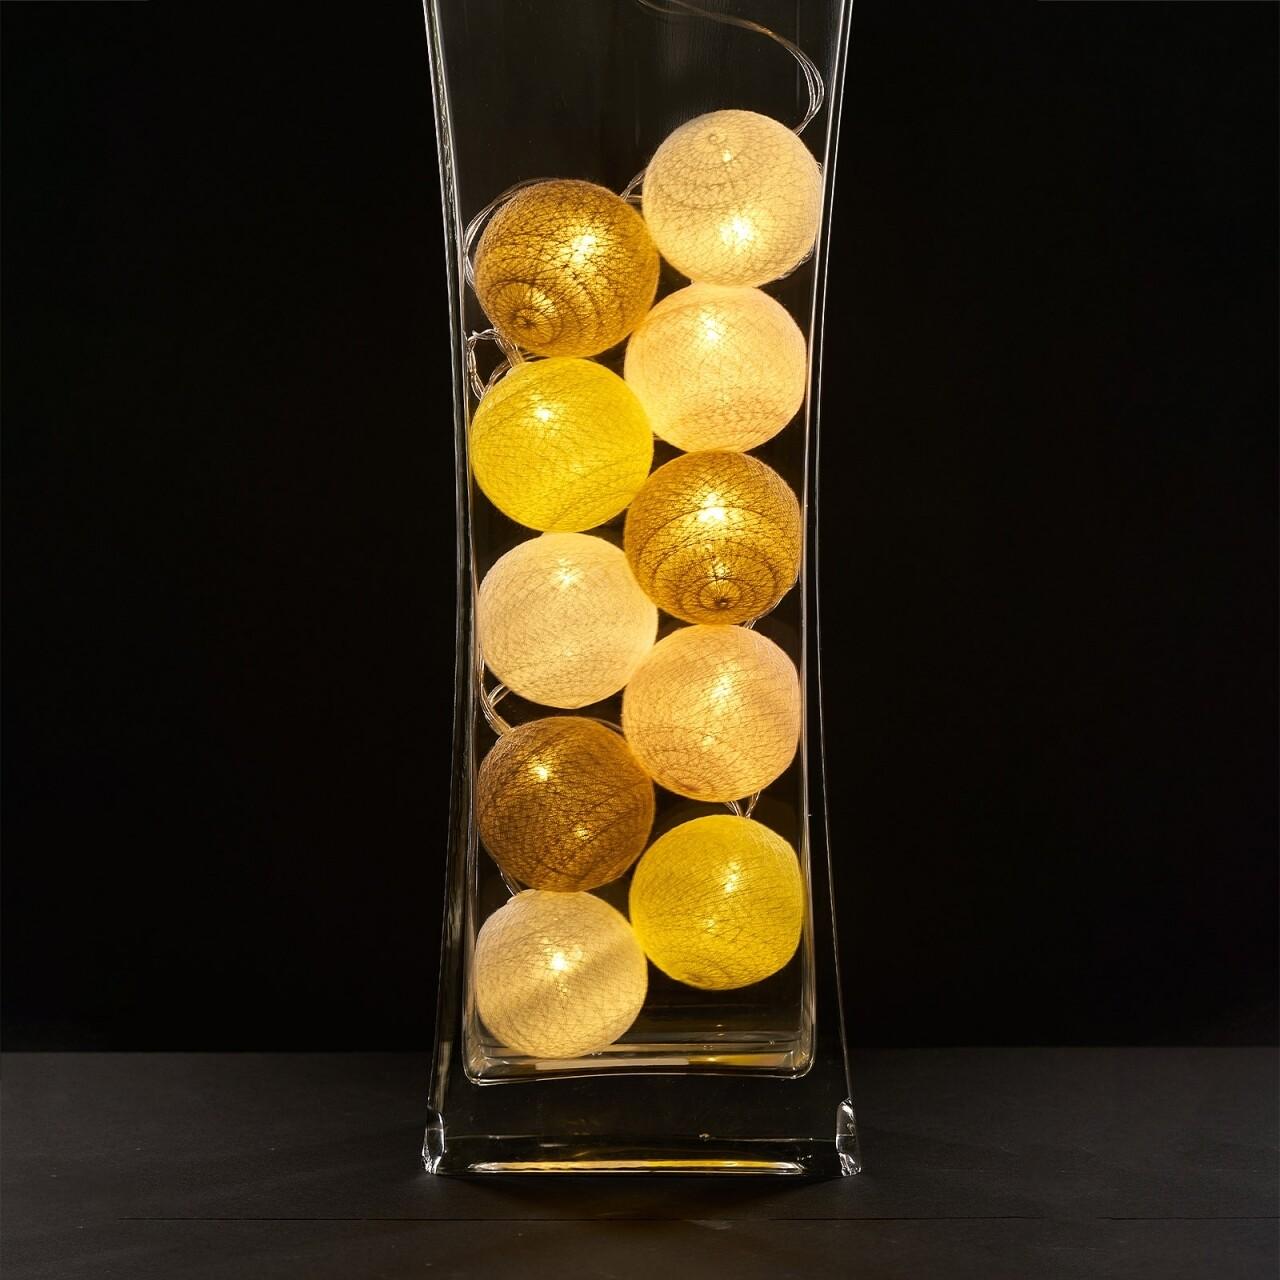 Ghirlanda luminoasa cu 10 LED-uri Yellow, Heinner Home, 180 cm, plastic, alb/galben